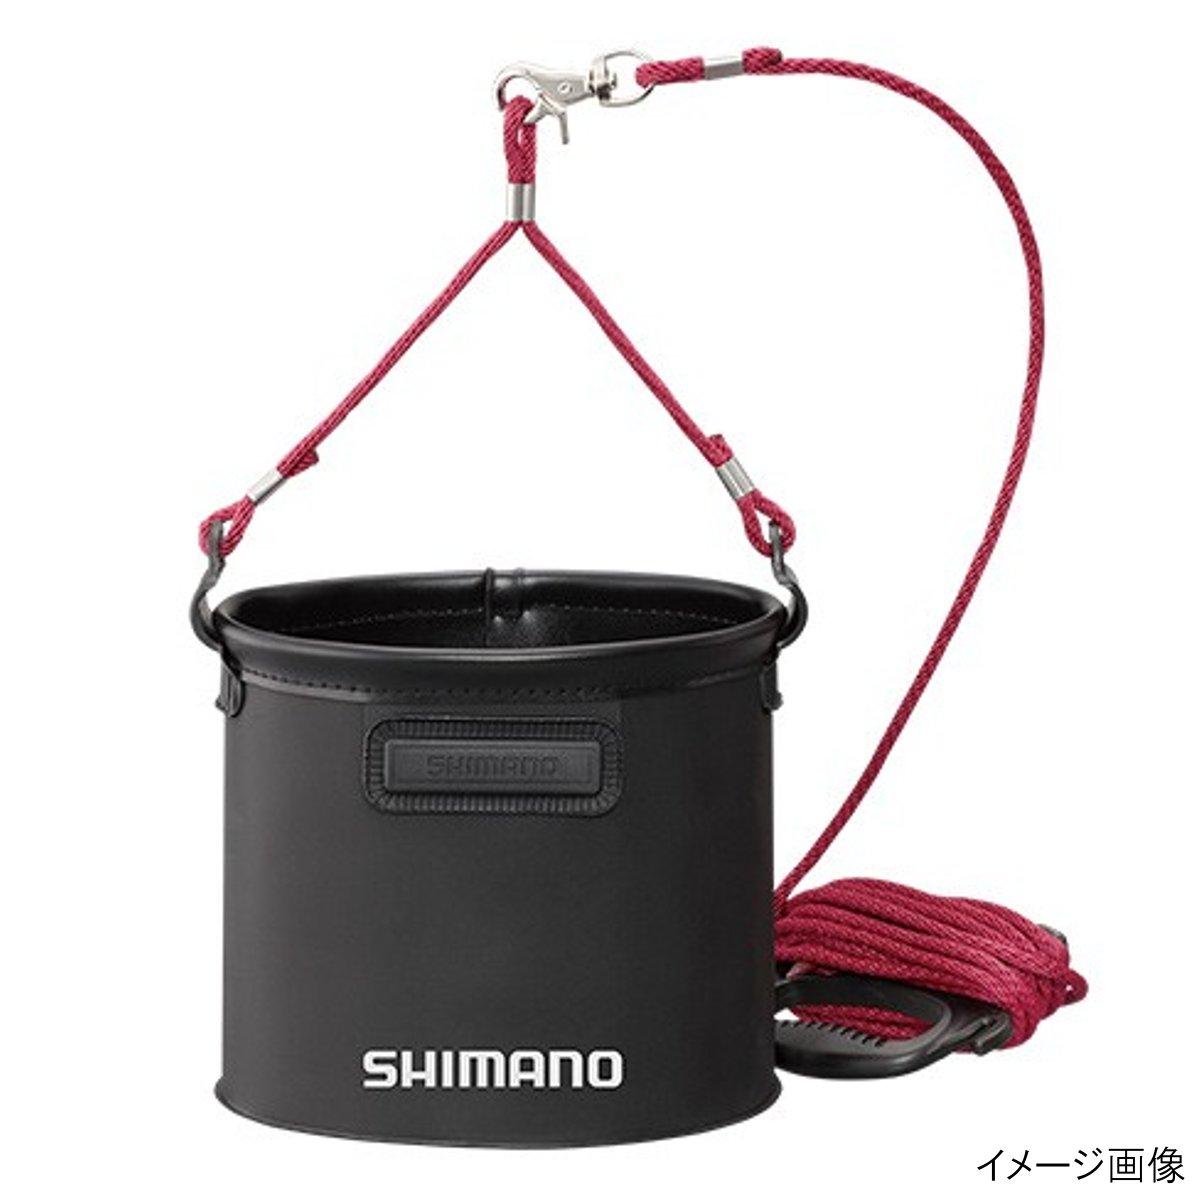 シマノ 水汲みバッカン BK-053Q 21cm ブラック